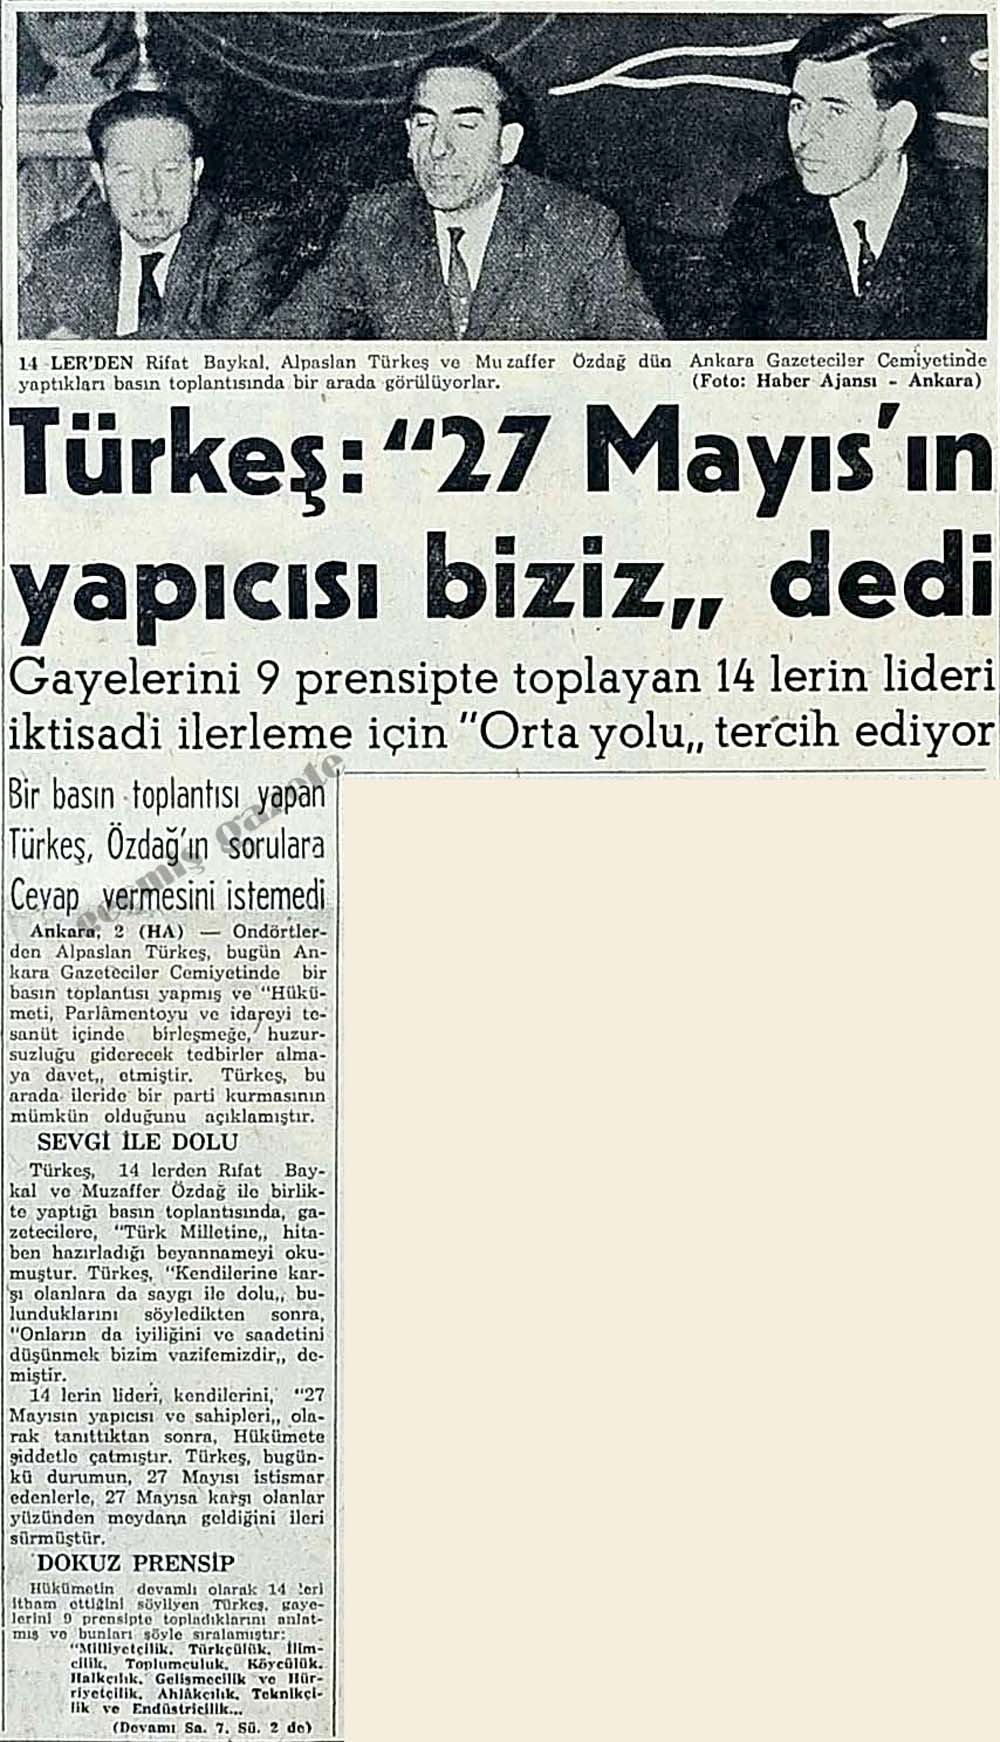 """Türkeş: """"27 Mayıs'ın yapıcısı biziz"""" dedi"""